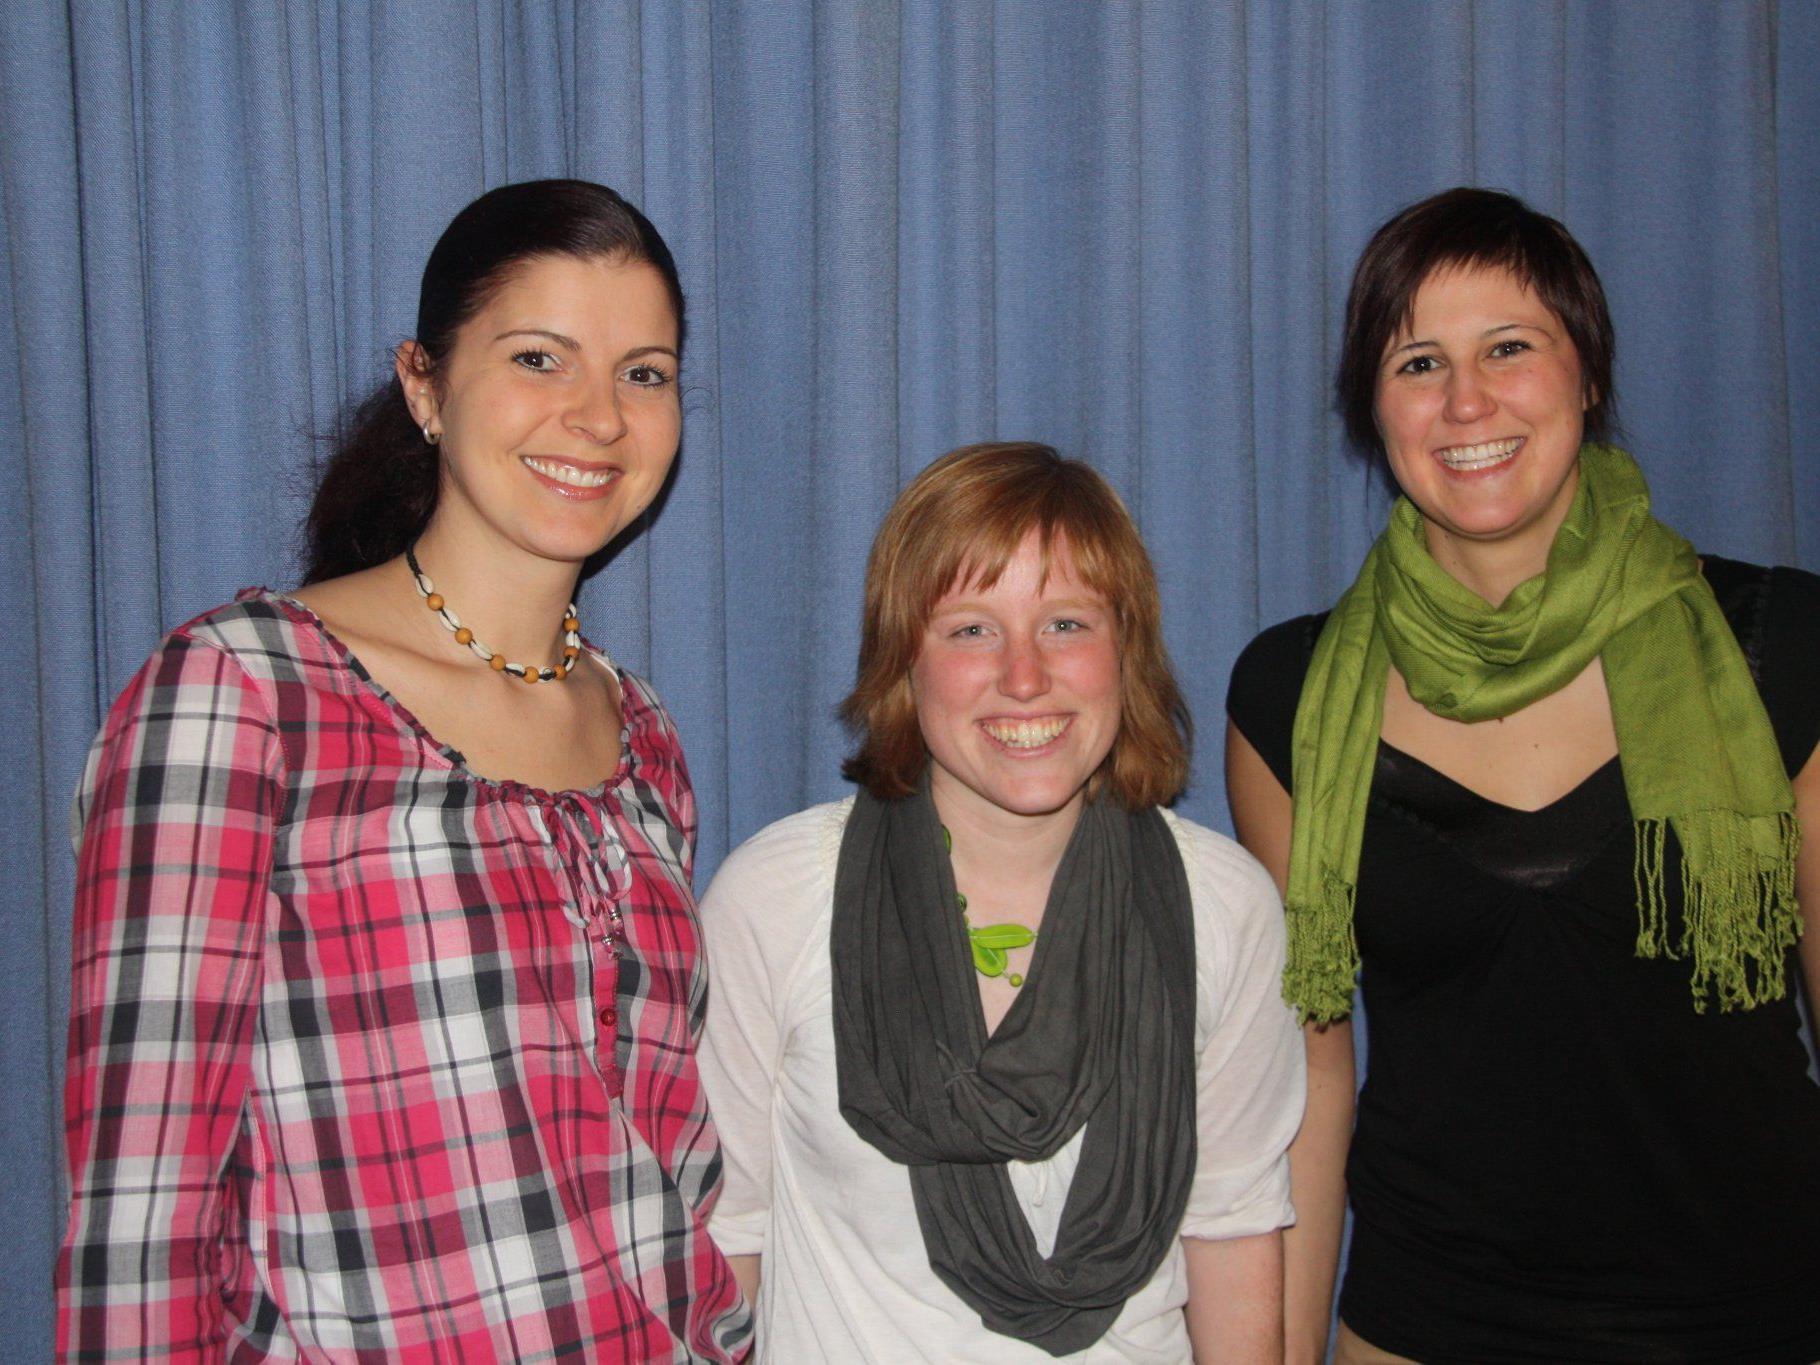 Die Pädagoginnen des Waldkindergartens Elisabeth Schwab, Lisi Hilbe und Melanie Beller